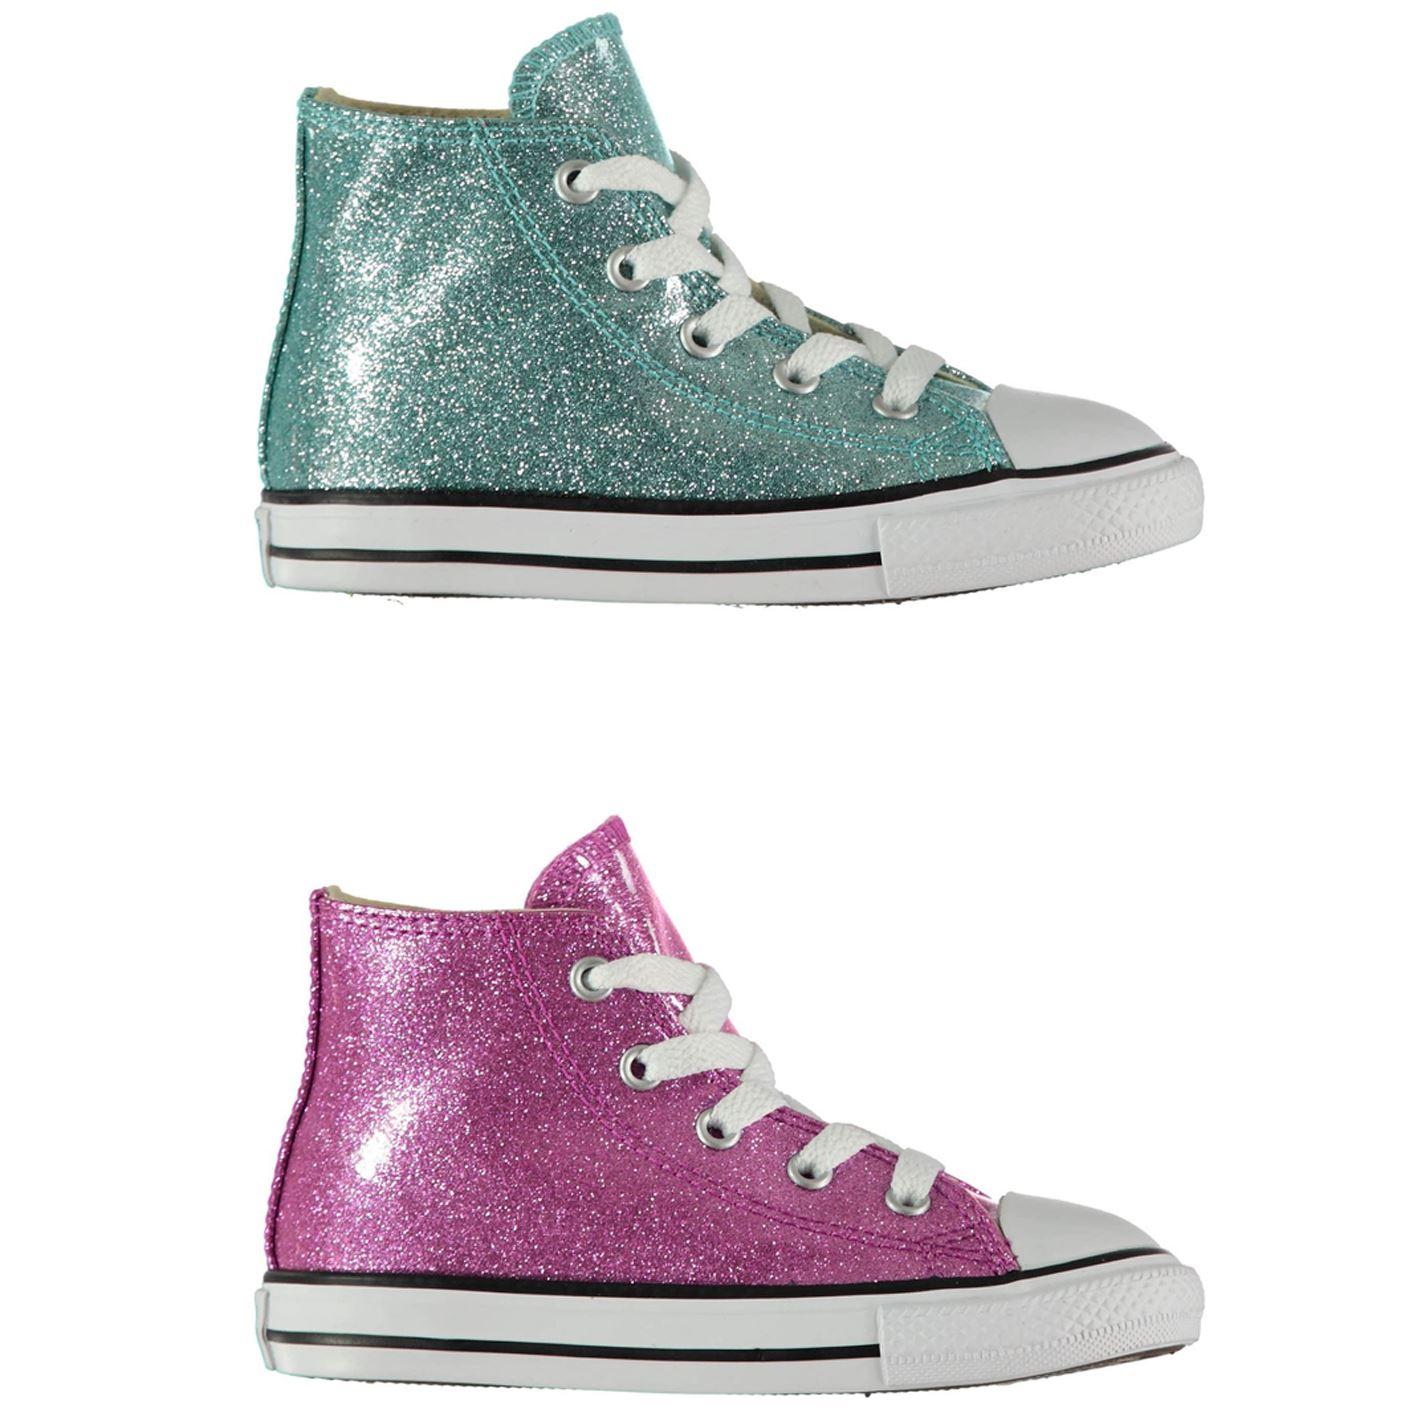 Paillette Montante Converse Détails Sur Chaussures Fille CoxerdBW